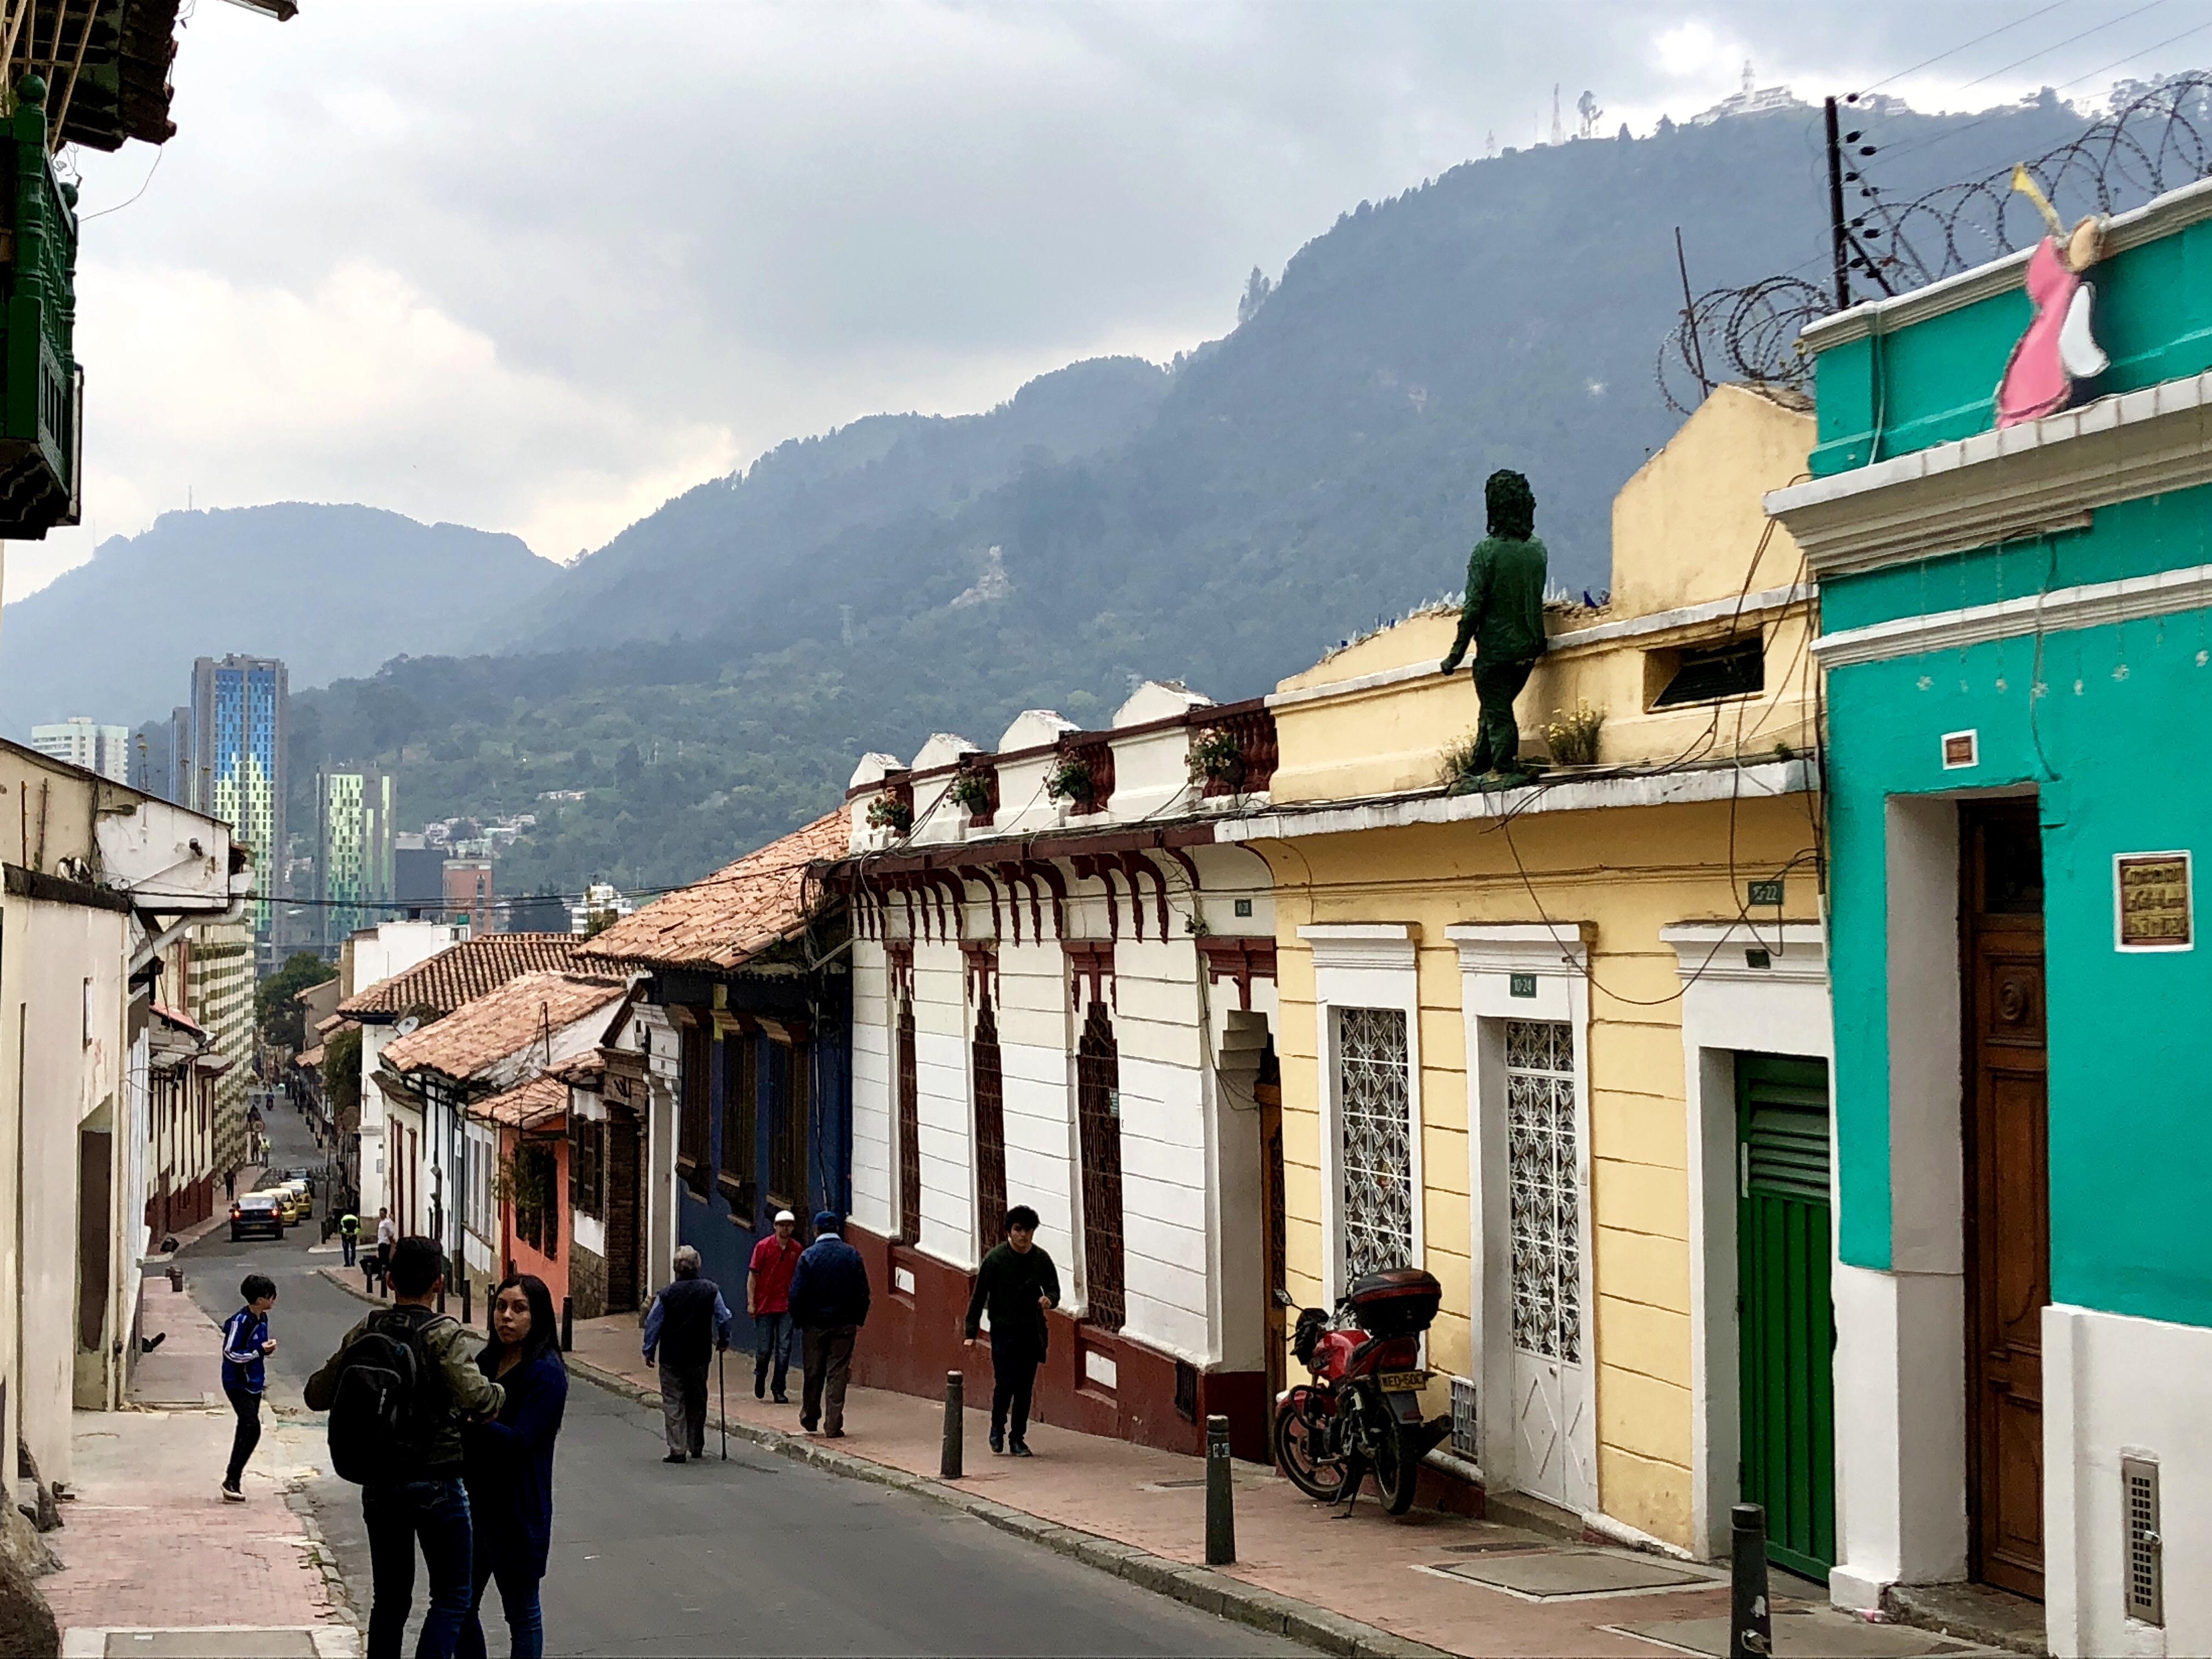 Candelaria, Bogotà